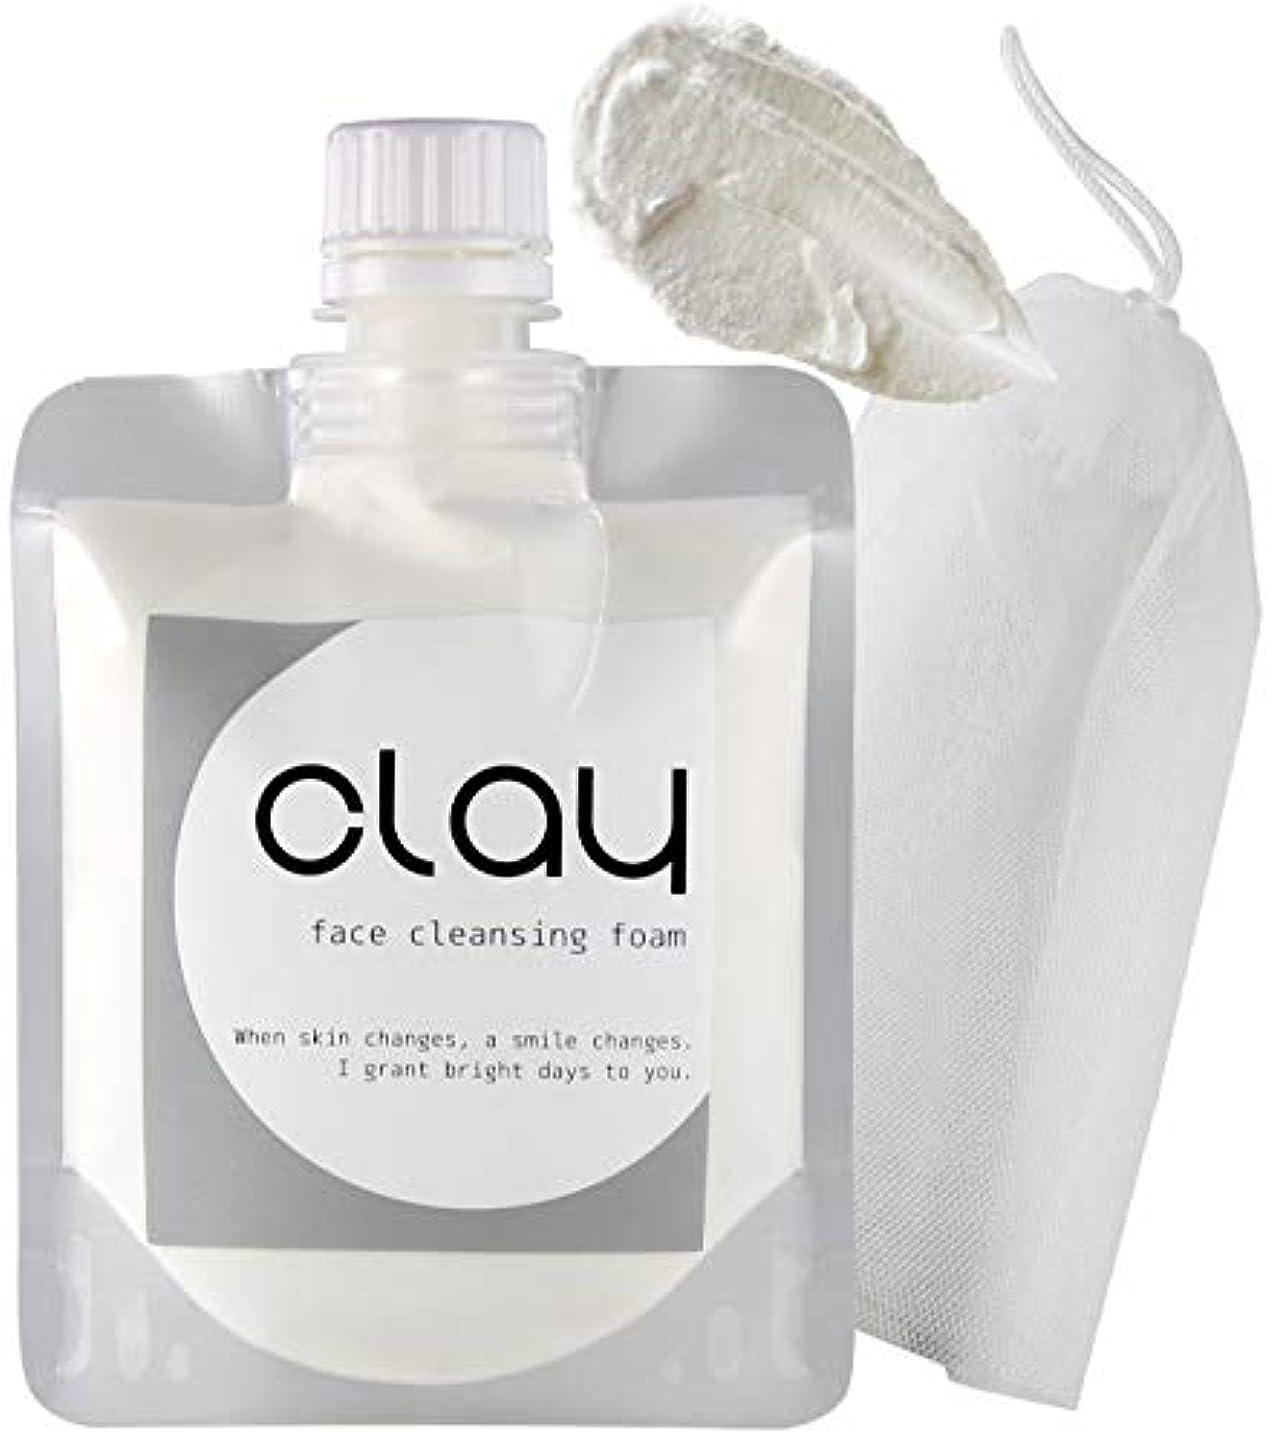 桃軸節約するSTAR'S クレイ 泥 洗顔 オーガニック 【 毛穴 黒ずみ 開き ザラ付き 用】「 泡 ネット 付き」 40種類の植物エキス 16種類の美容成分 9つの無添加 透明感 柔肌 130g (Clay)